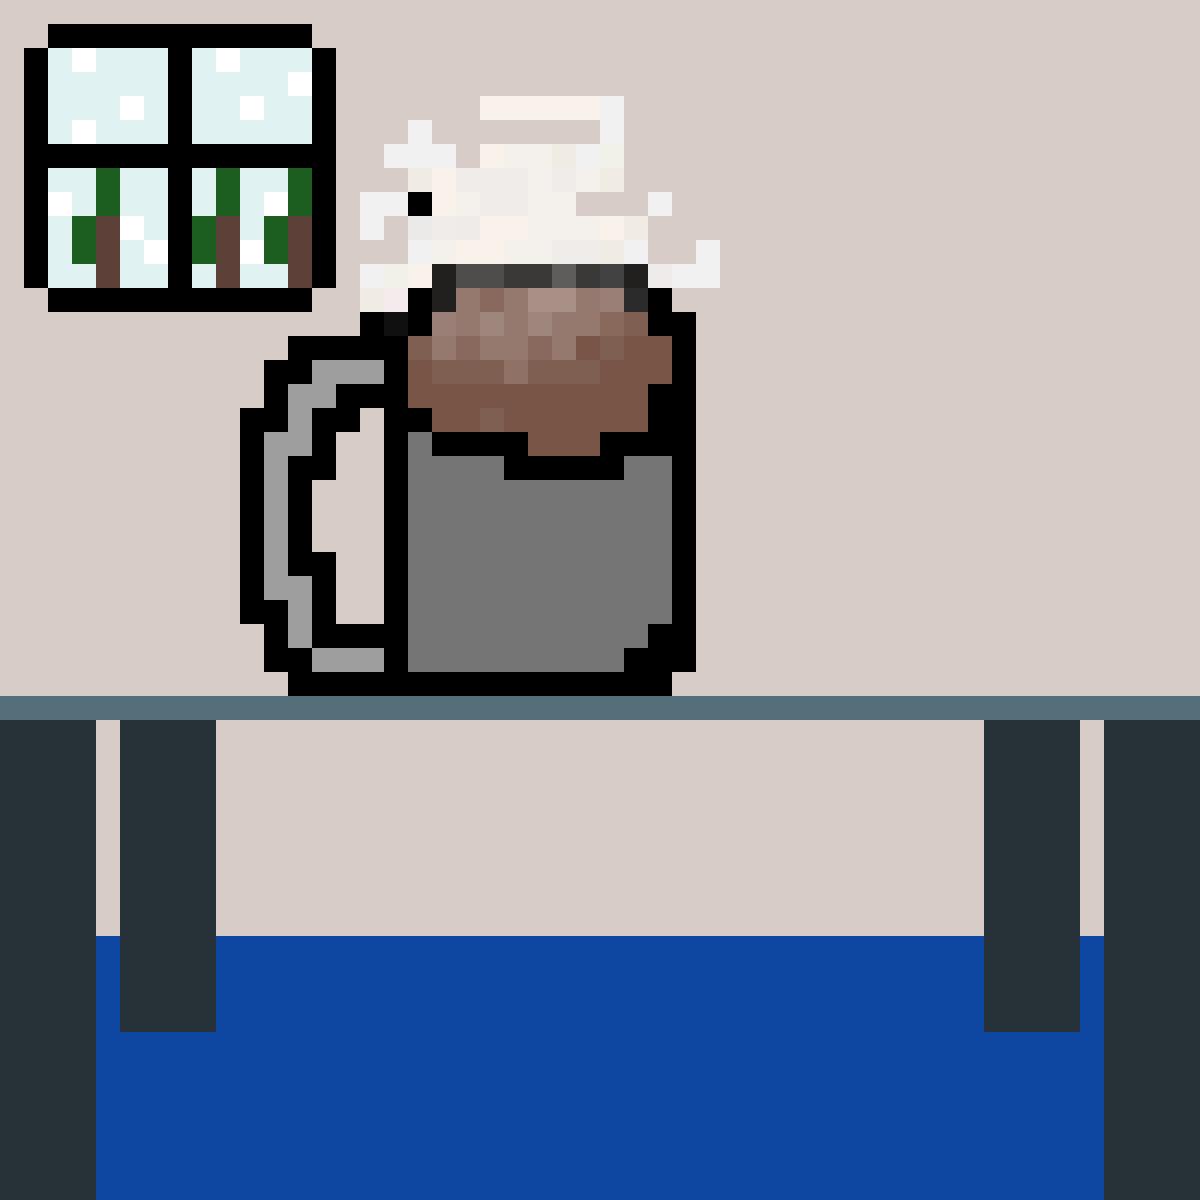 Coffee Mug by Minuteqade